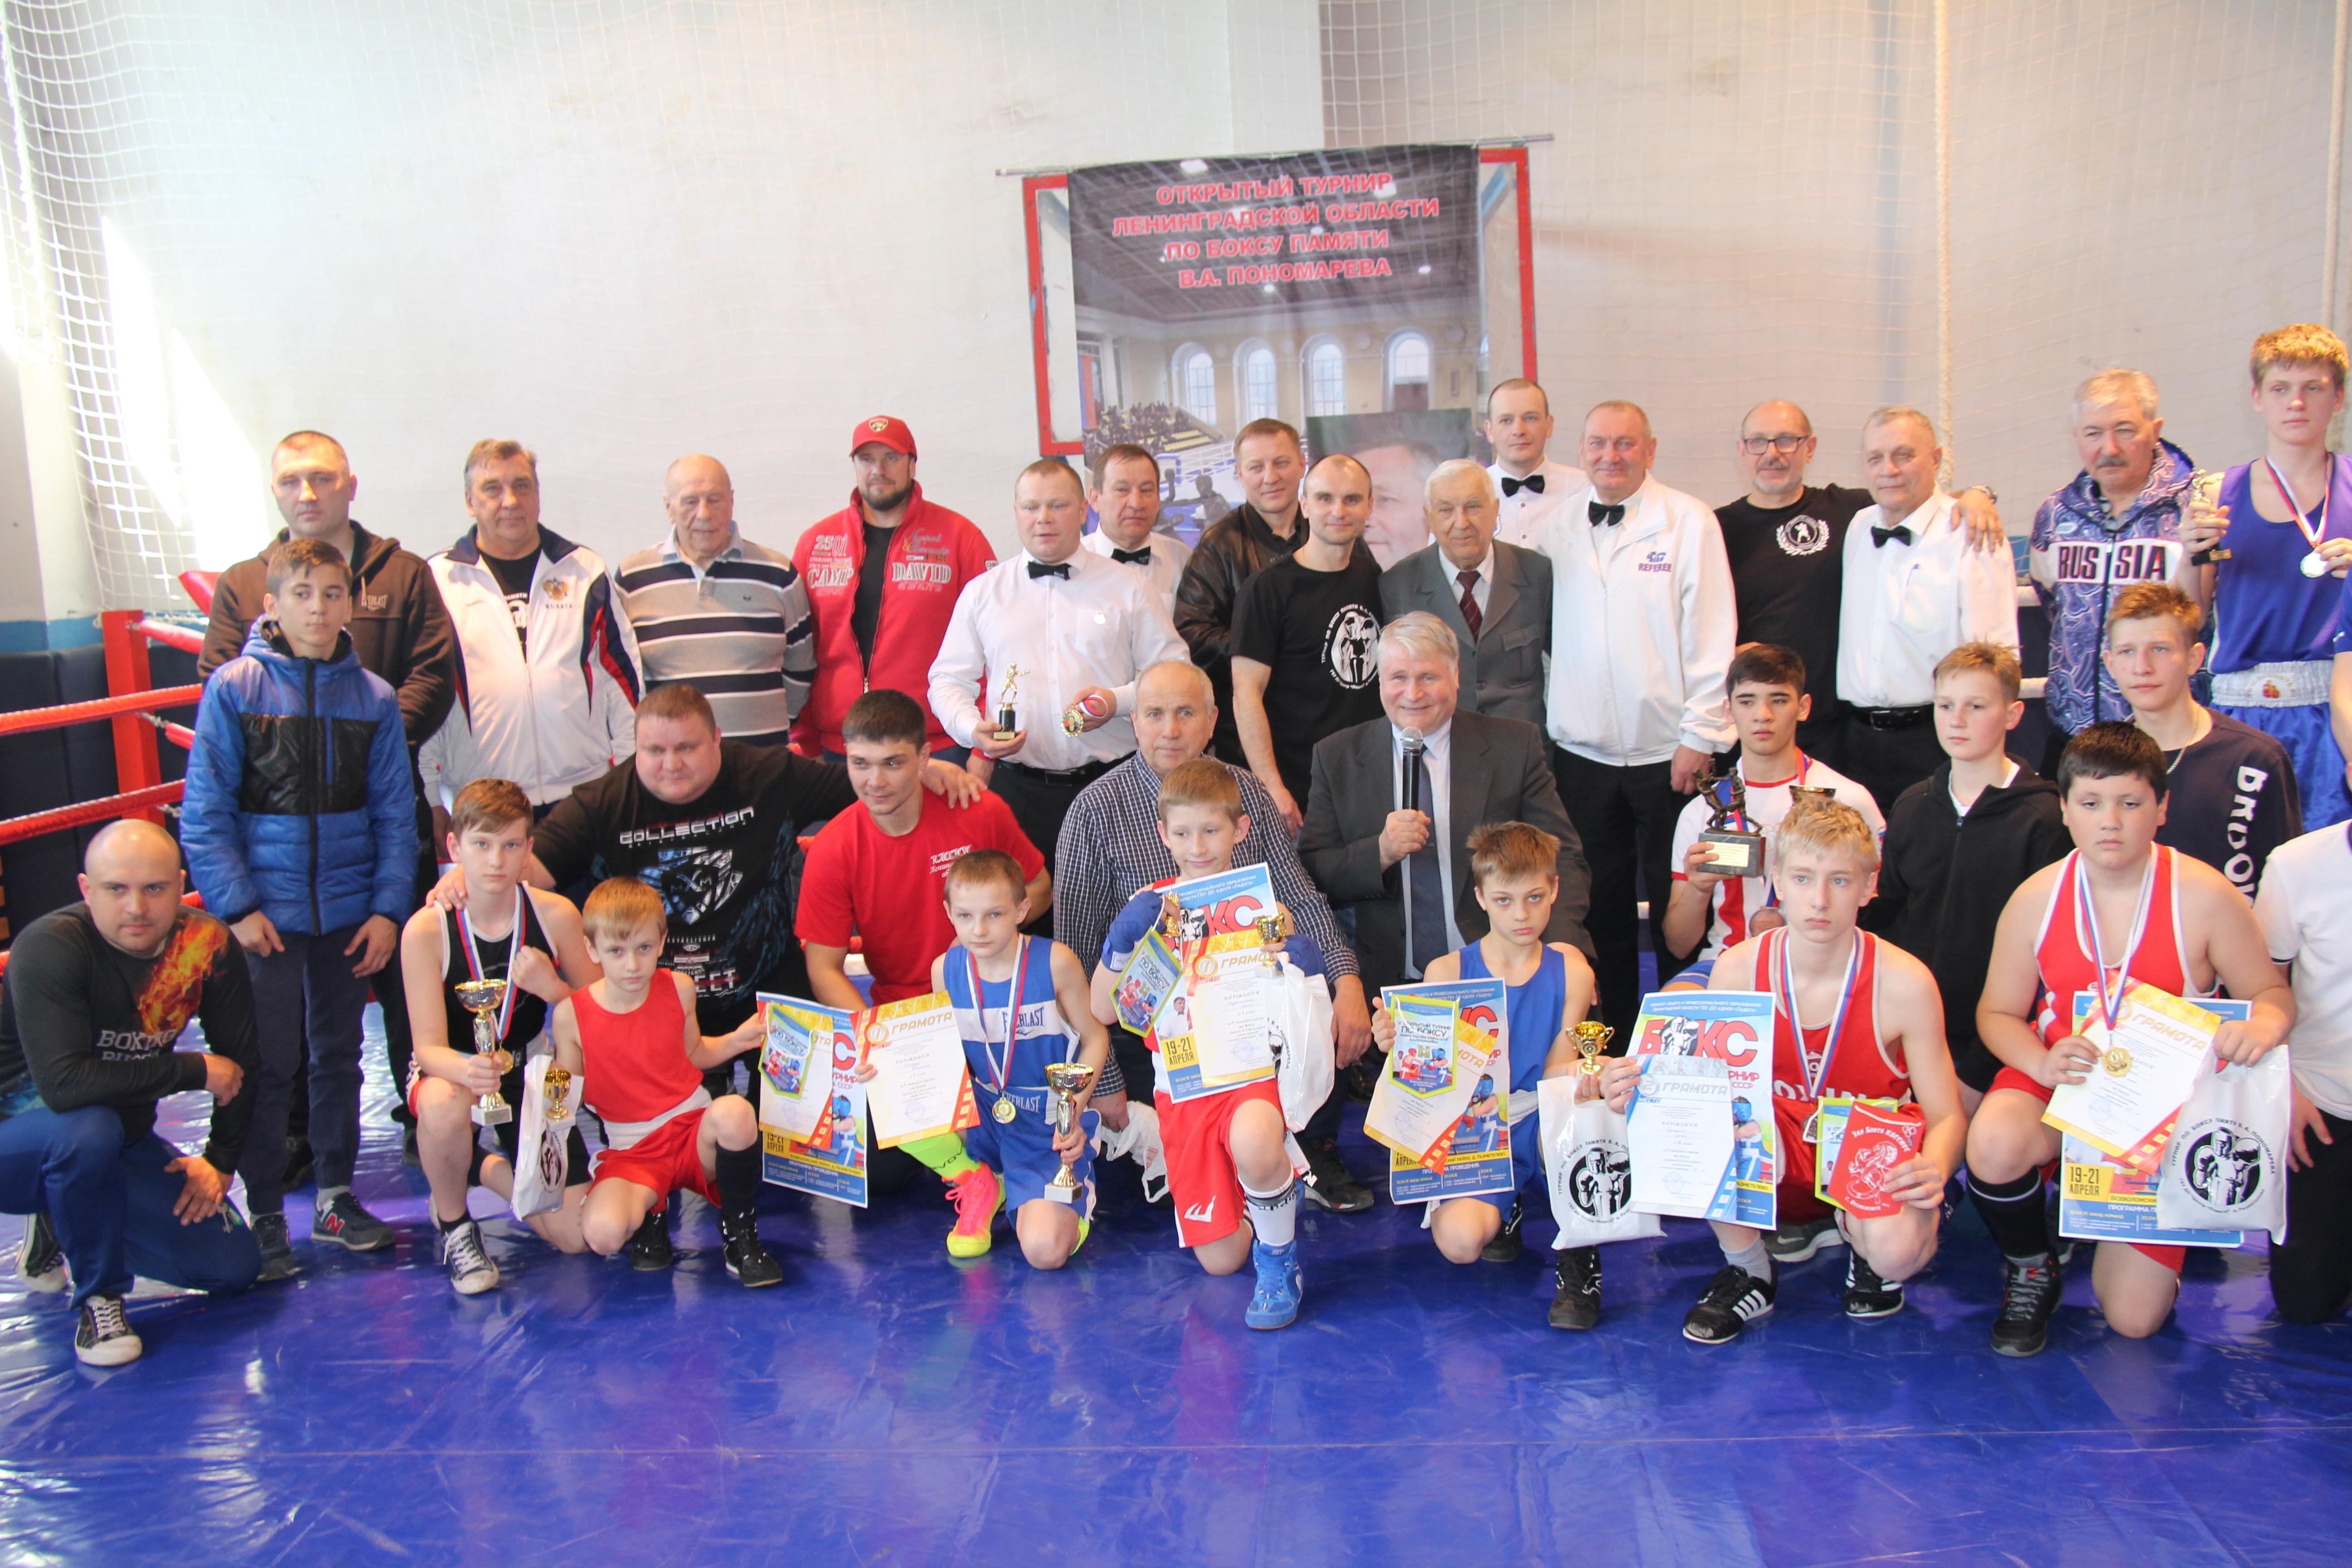 V открытый турнир по боксу  памяти В.А.Пономарёва